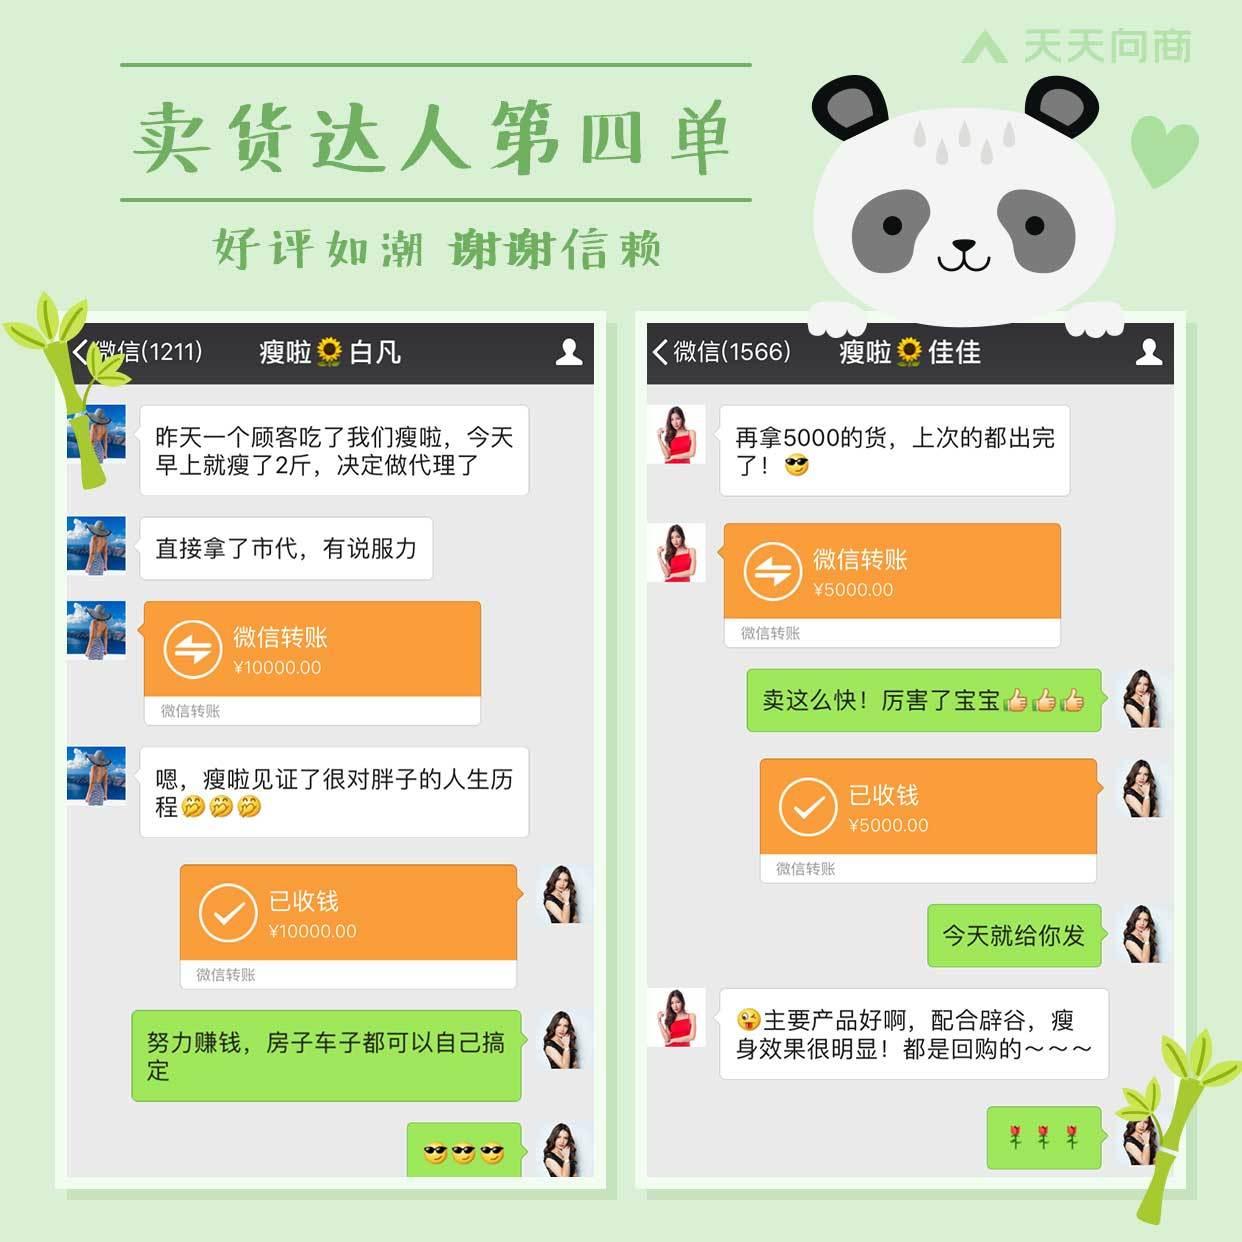 小熊猫花式晒单方形海报